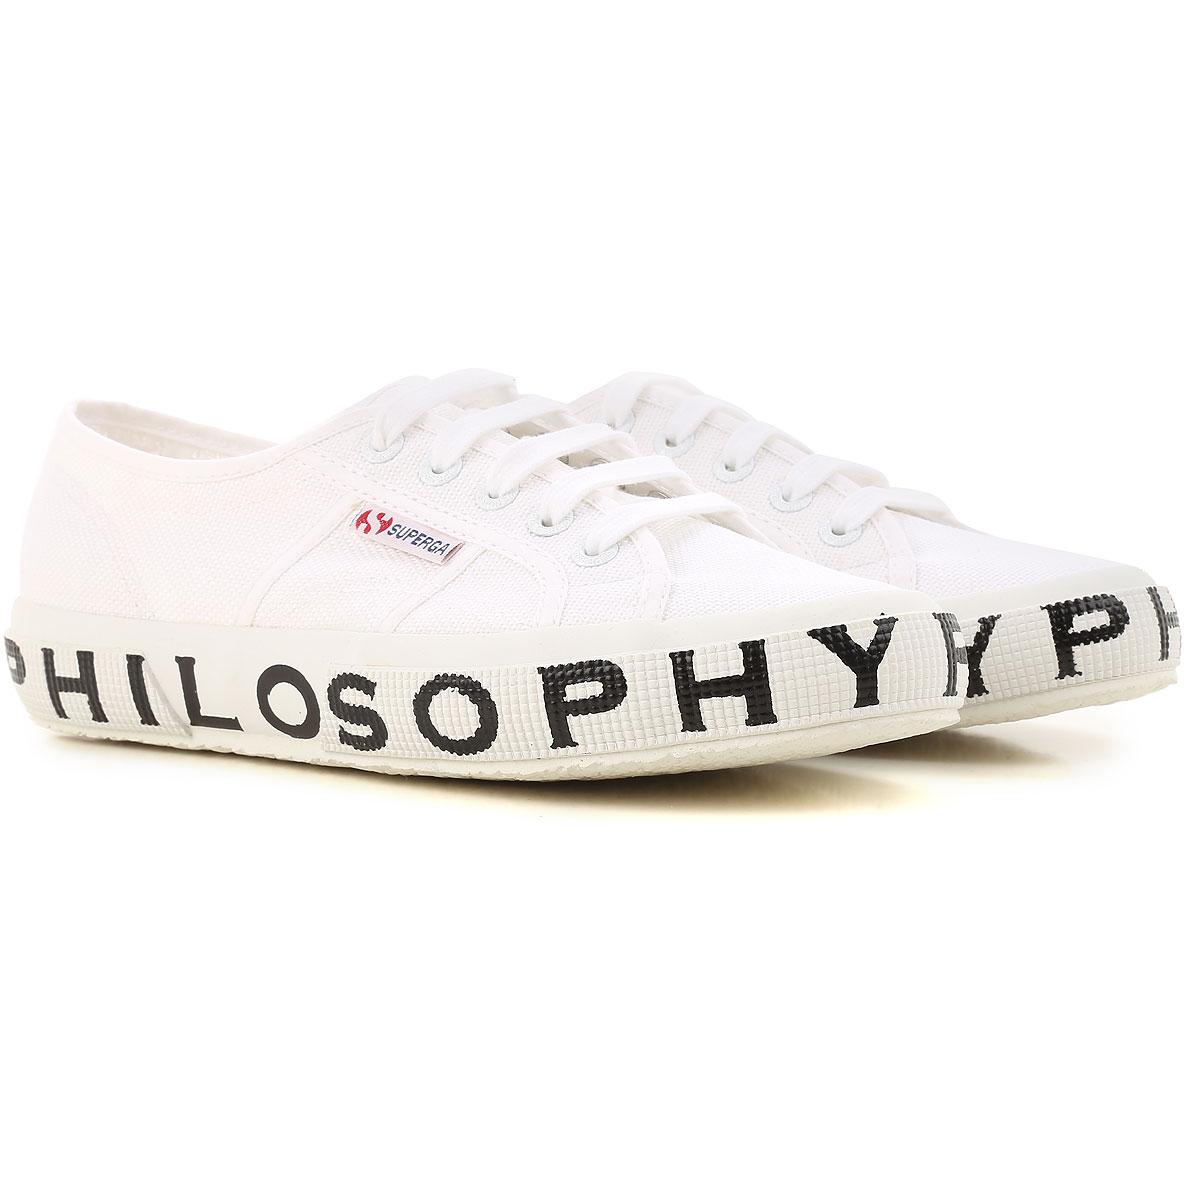 Image of Superga Sneakers for Women, Philosophy, White, Canvas, 2017, ITA 38 - USA 7.5 - UK 5 ITA 39 - USA 8.5 - UK 6 ITA 35 - USA 4.5 - UK 2 ITA 36 - USA 5.5 - UK 3 ITA 37 - USA 6.5 - UK 4